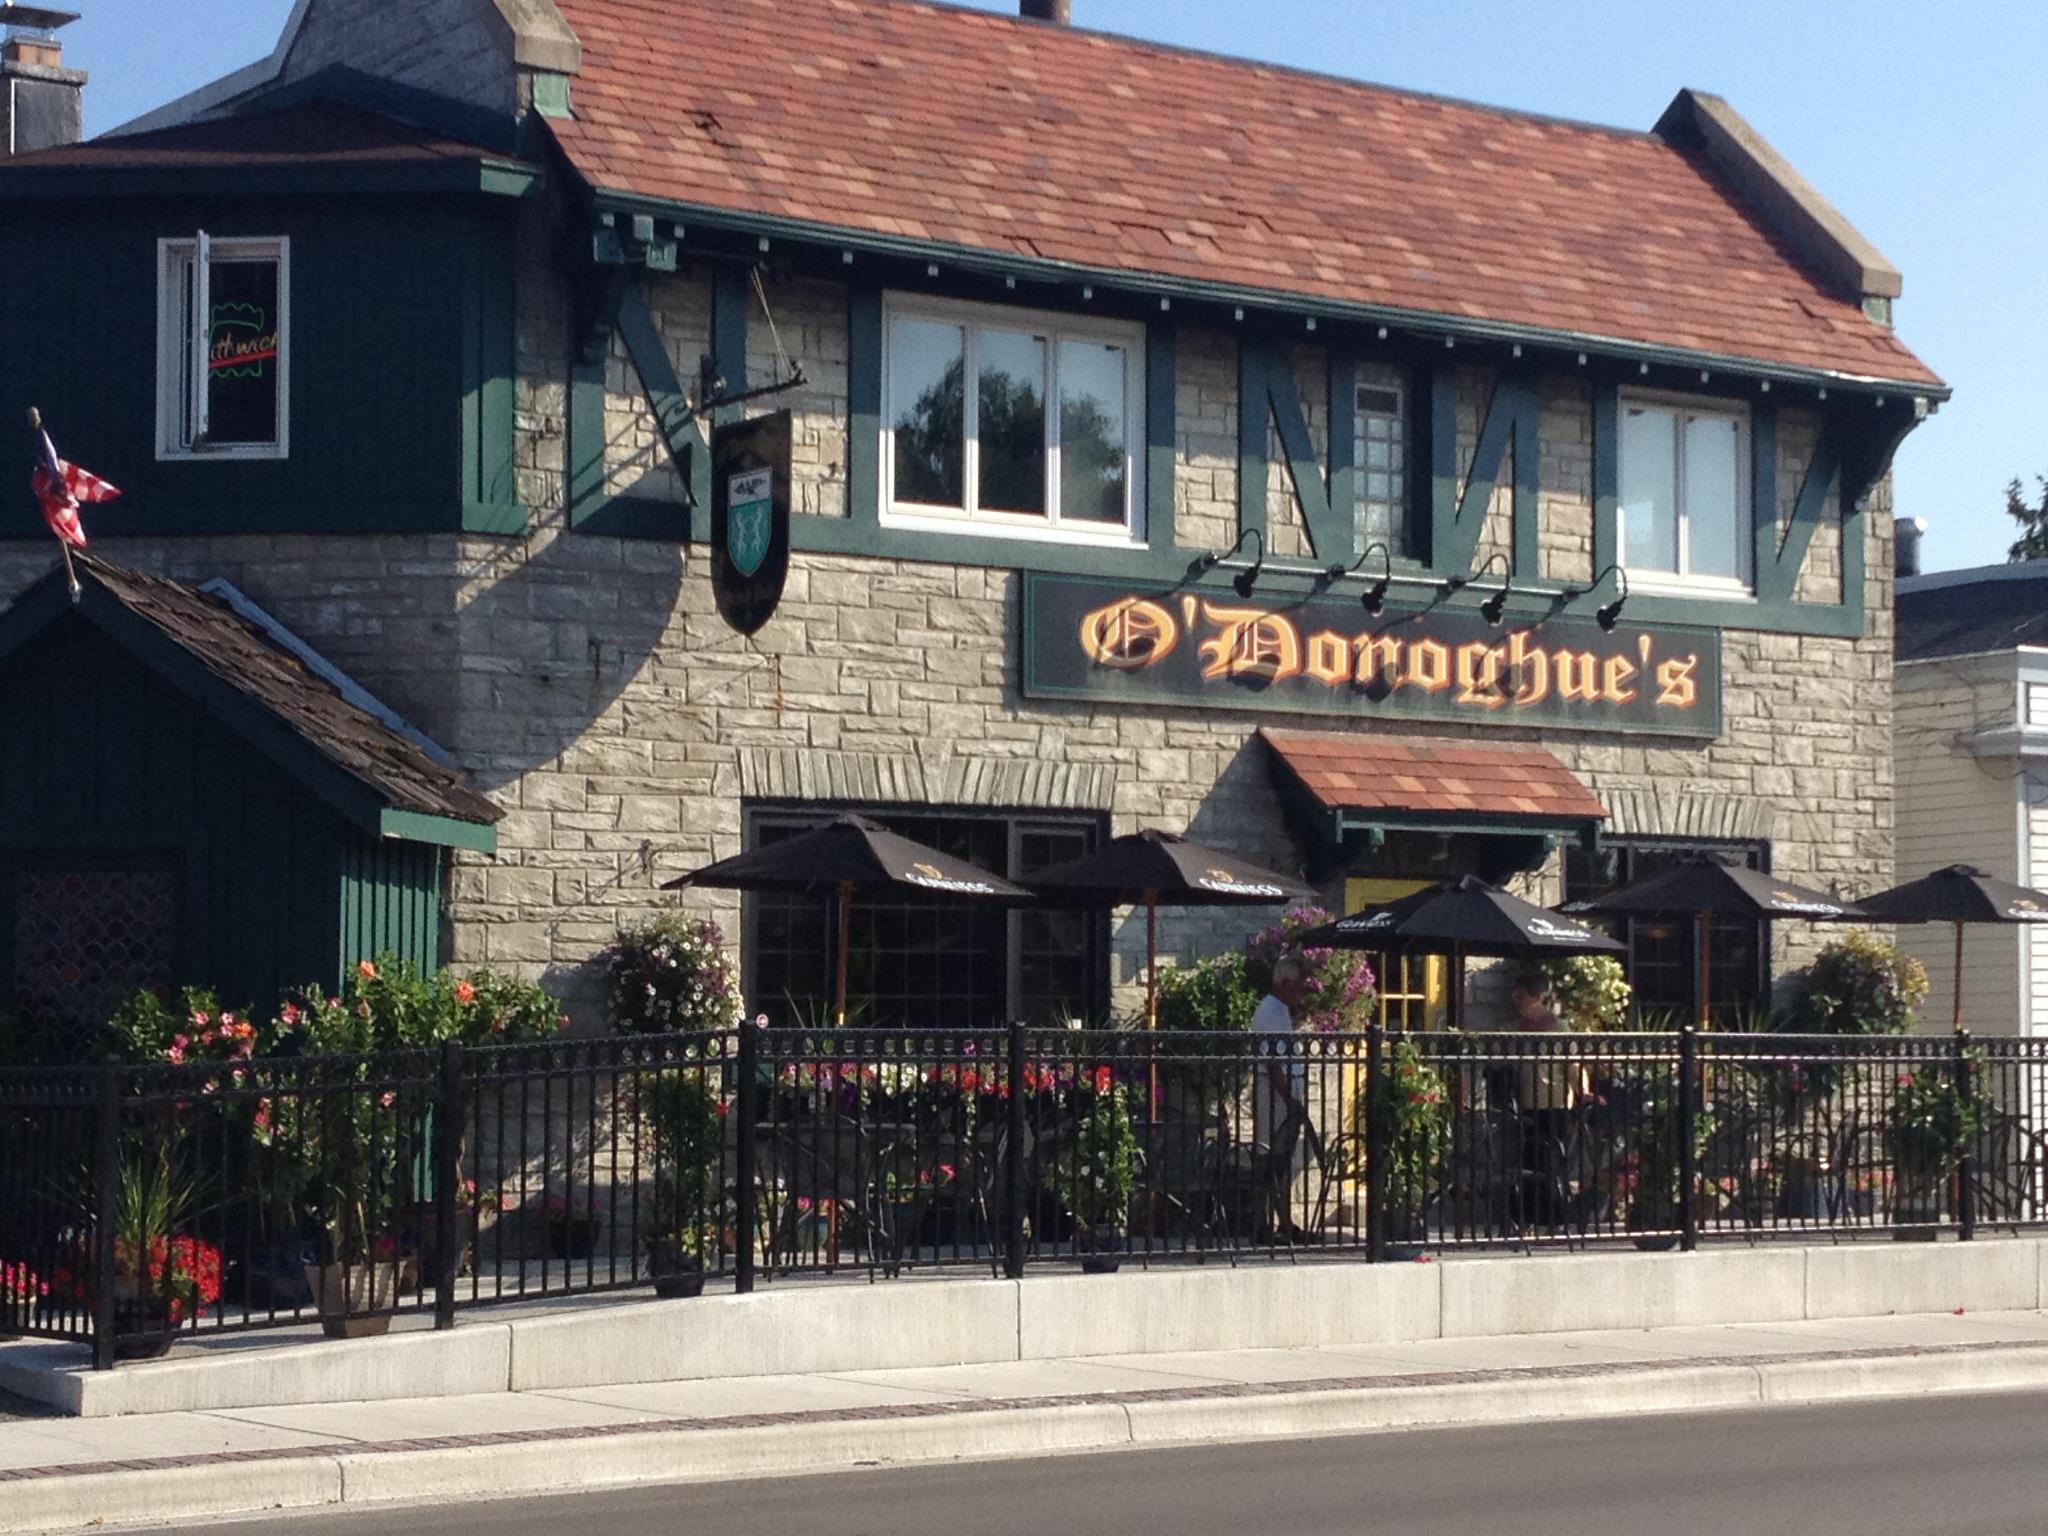 PHOTO COURTESY OF O'DONOGHUE'S IRISH PUB